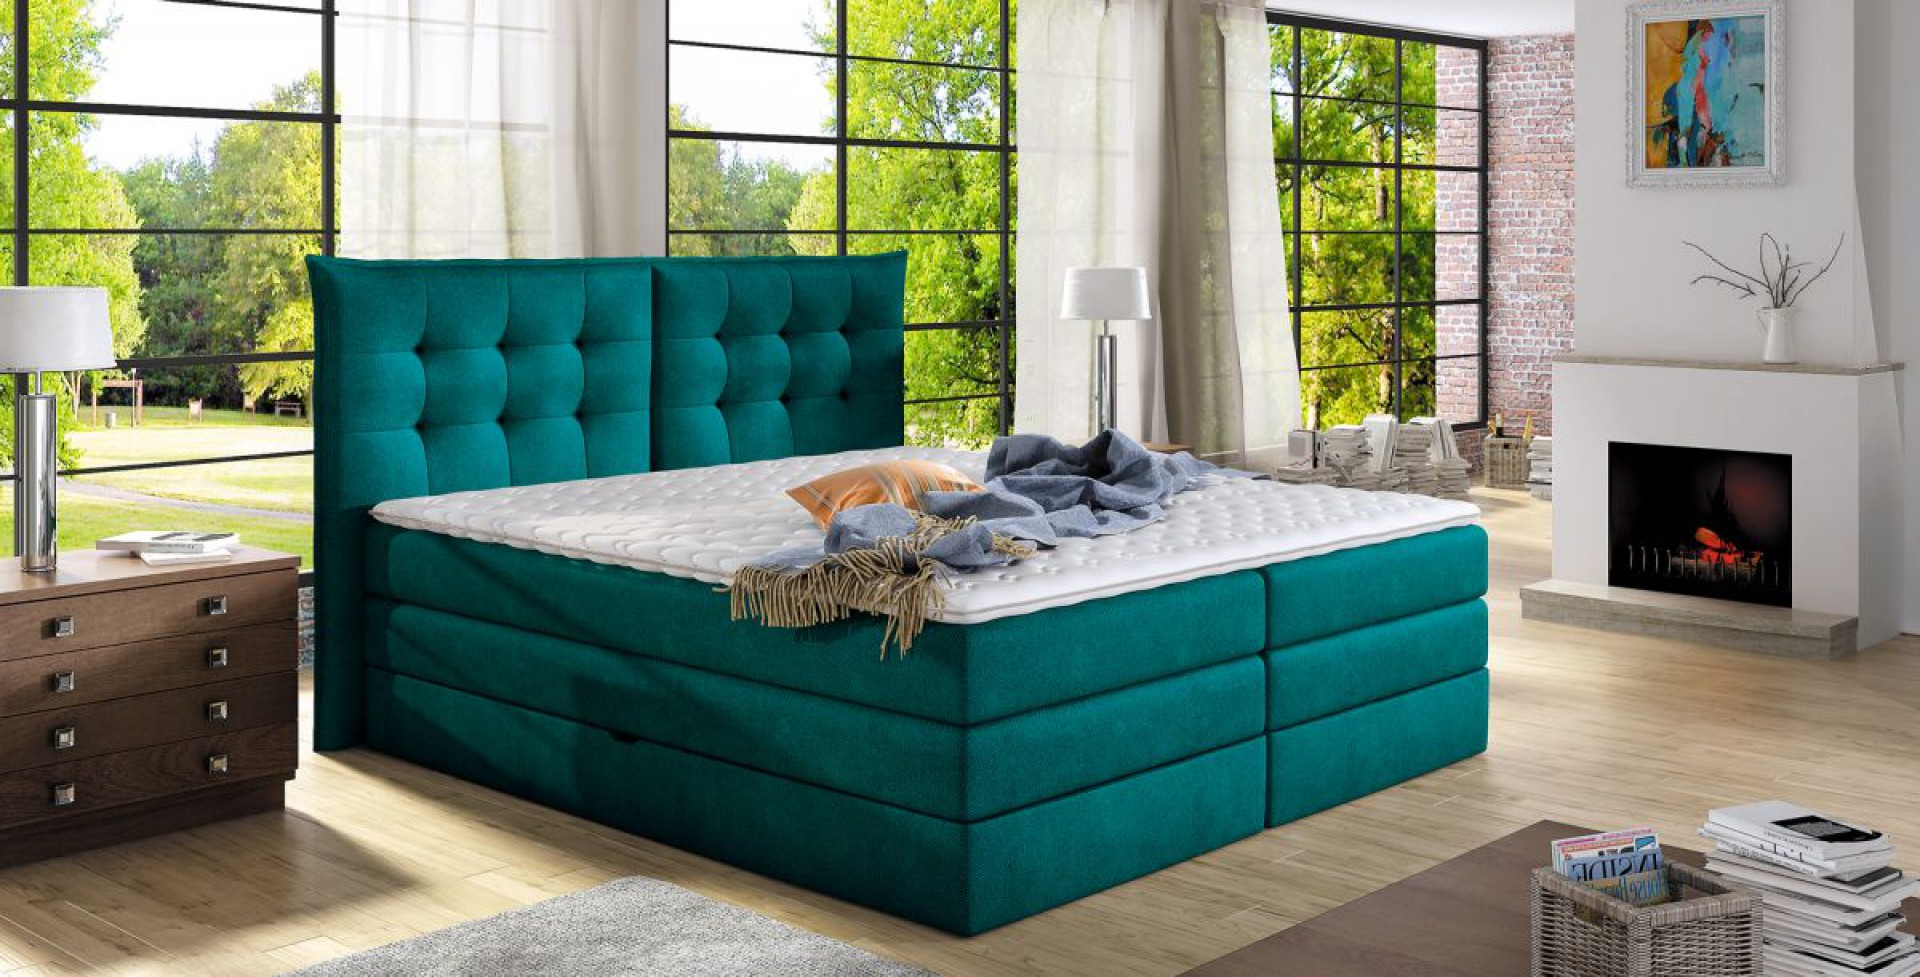 Łóżko Fendy firmy Wersal. Fot. Wersal